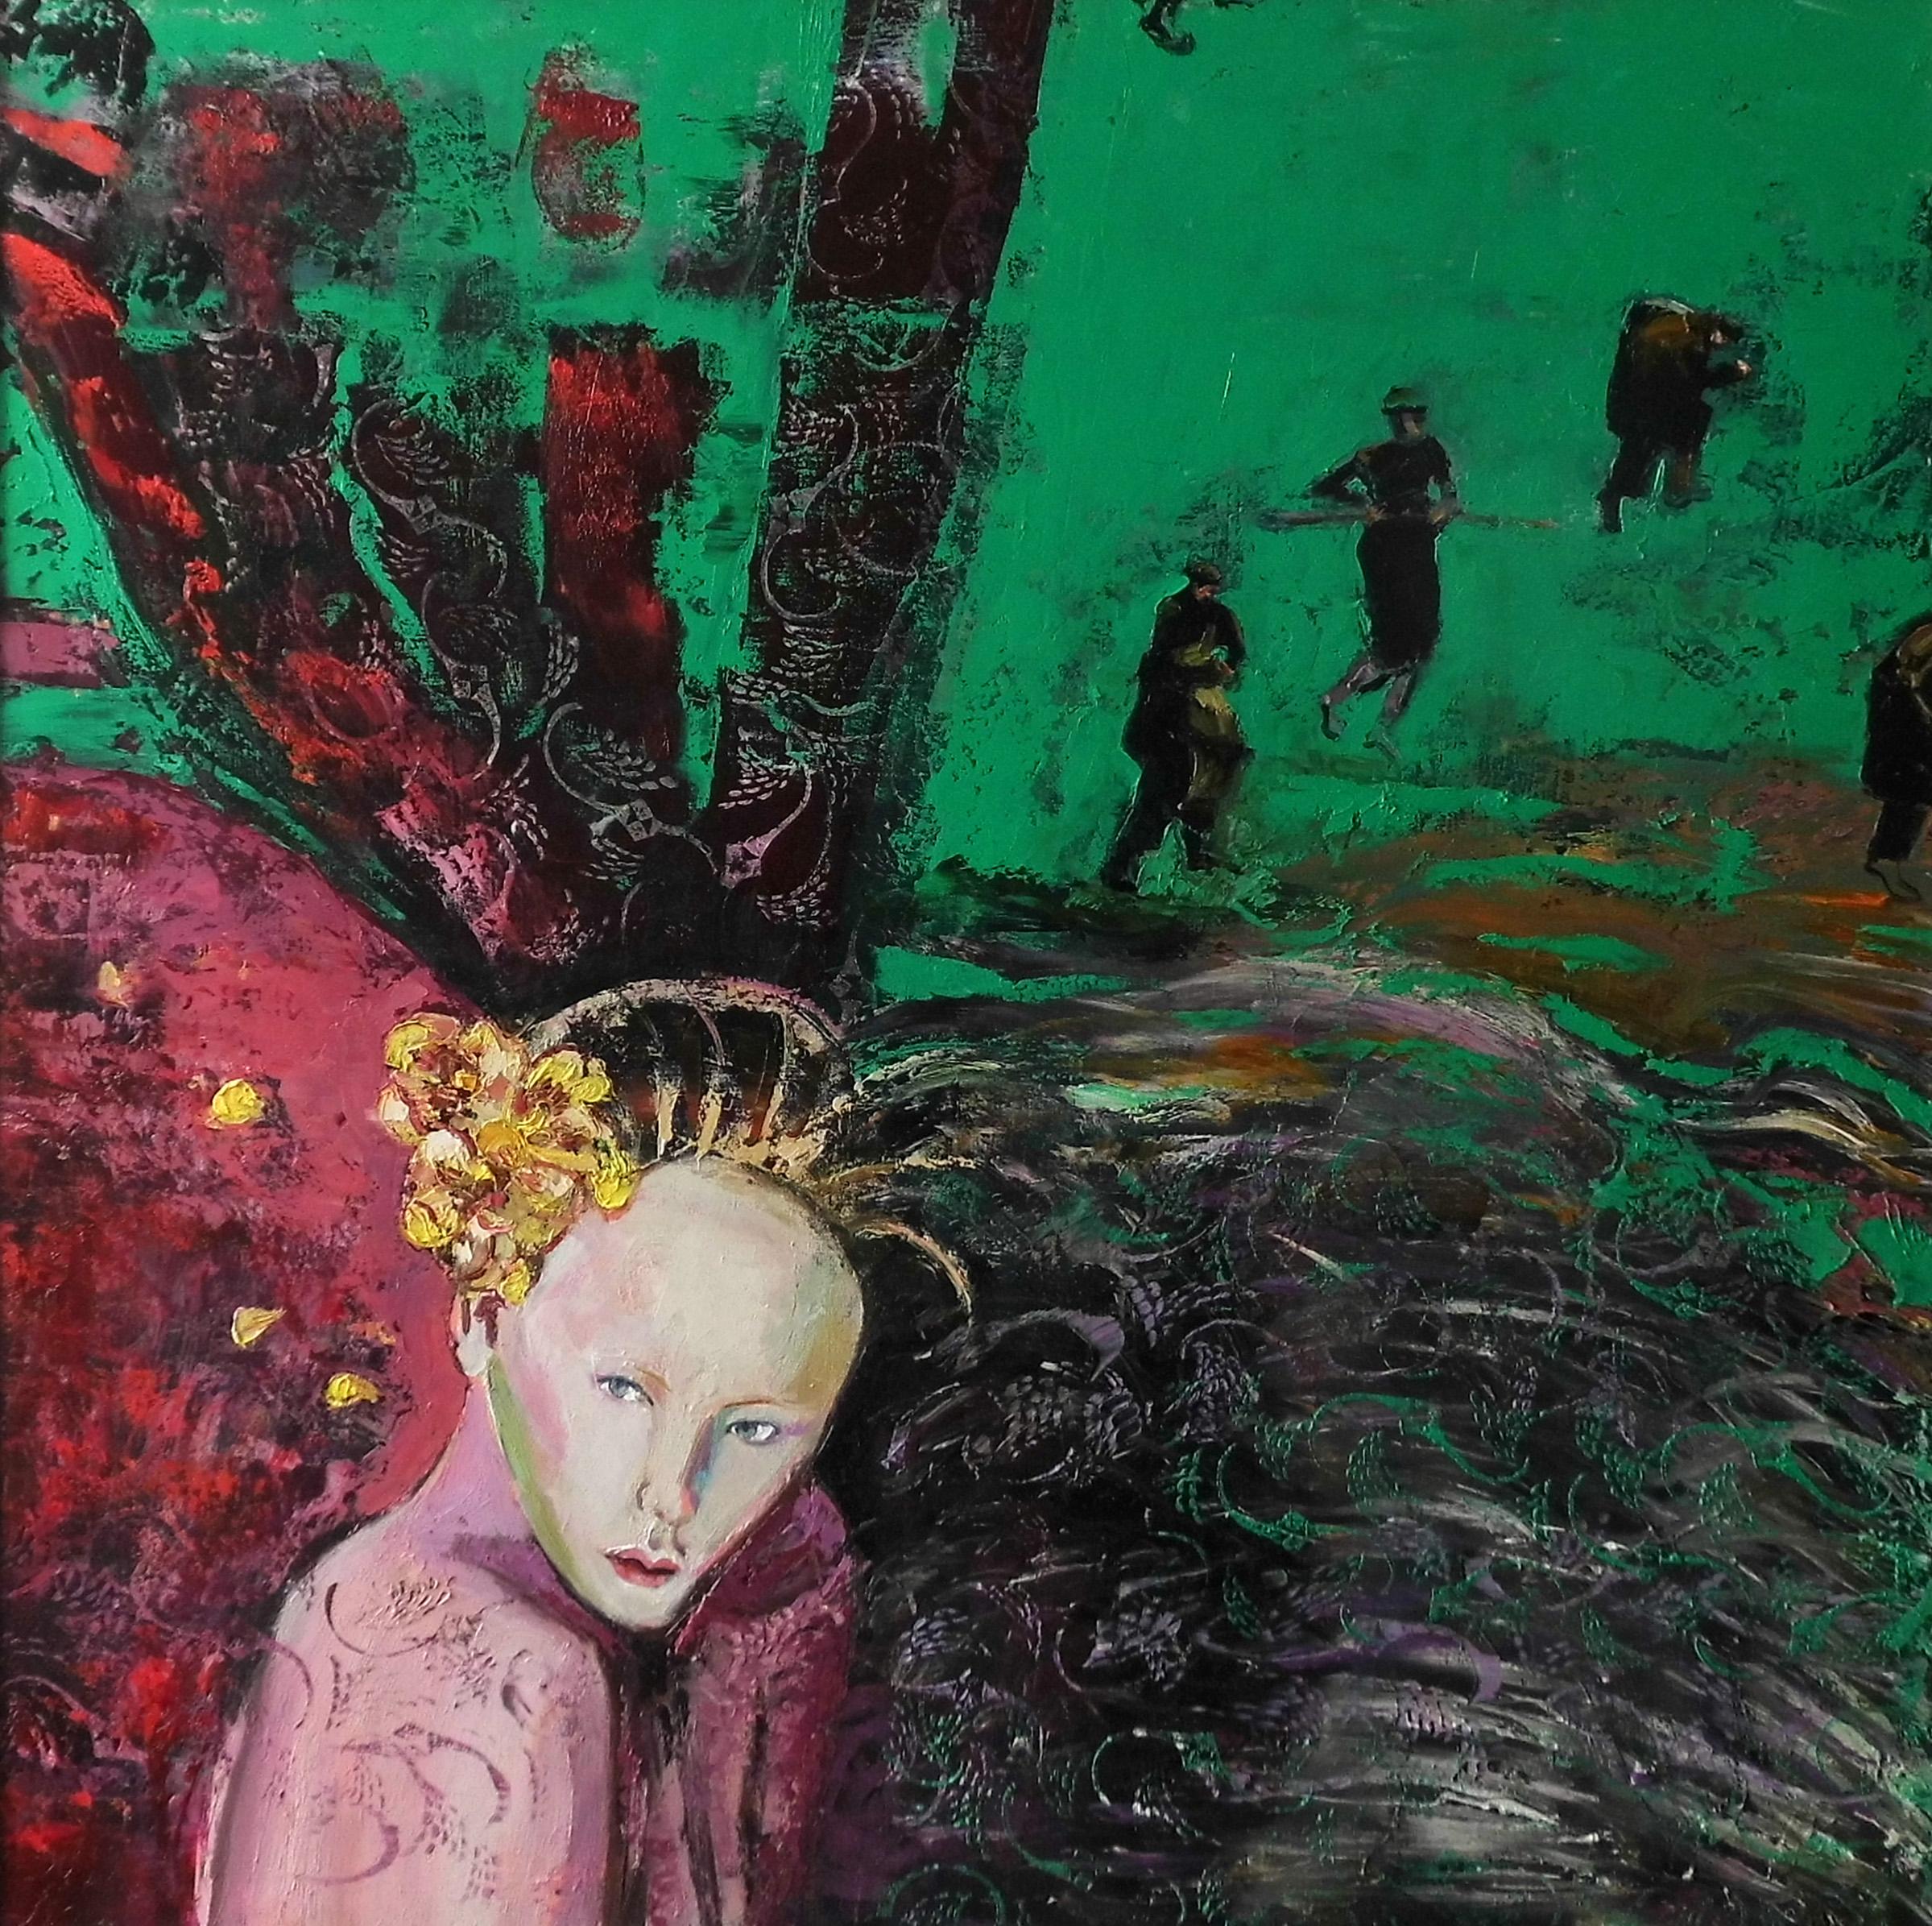 05-Christine Schlegel-Komplimentär-2015-Öl auf Leinwand-100x100